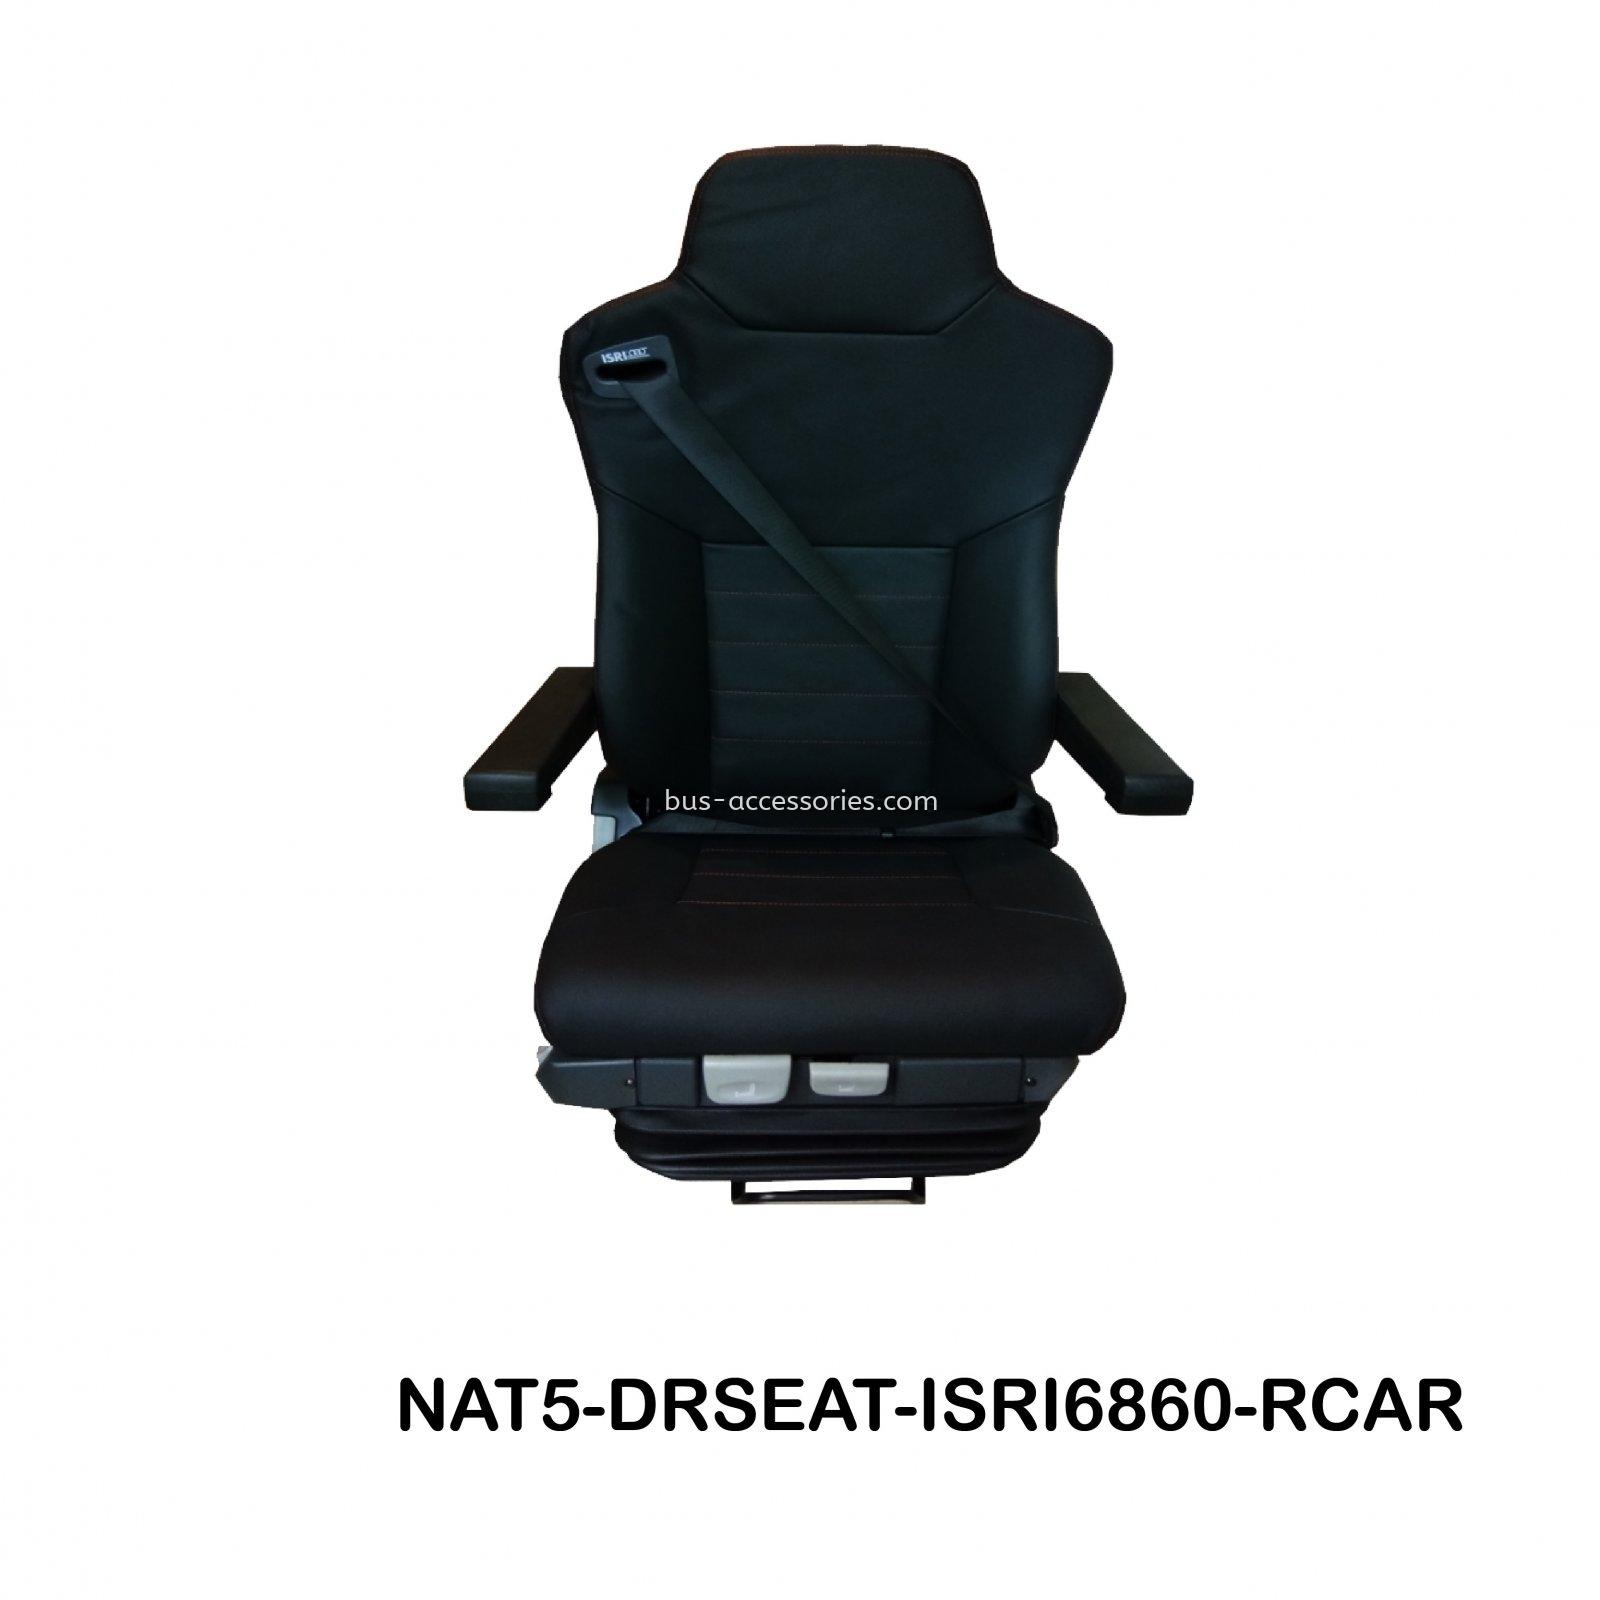 DRIVER SEAT ISRI6860